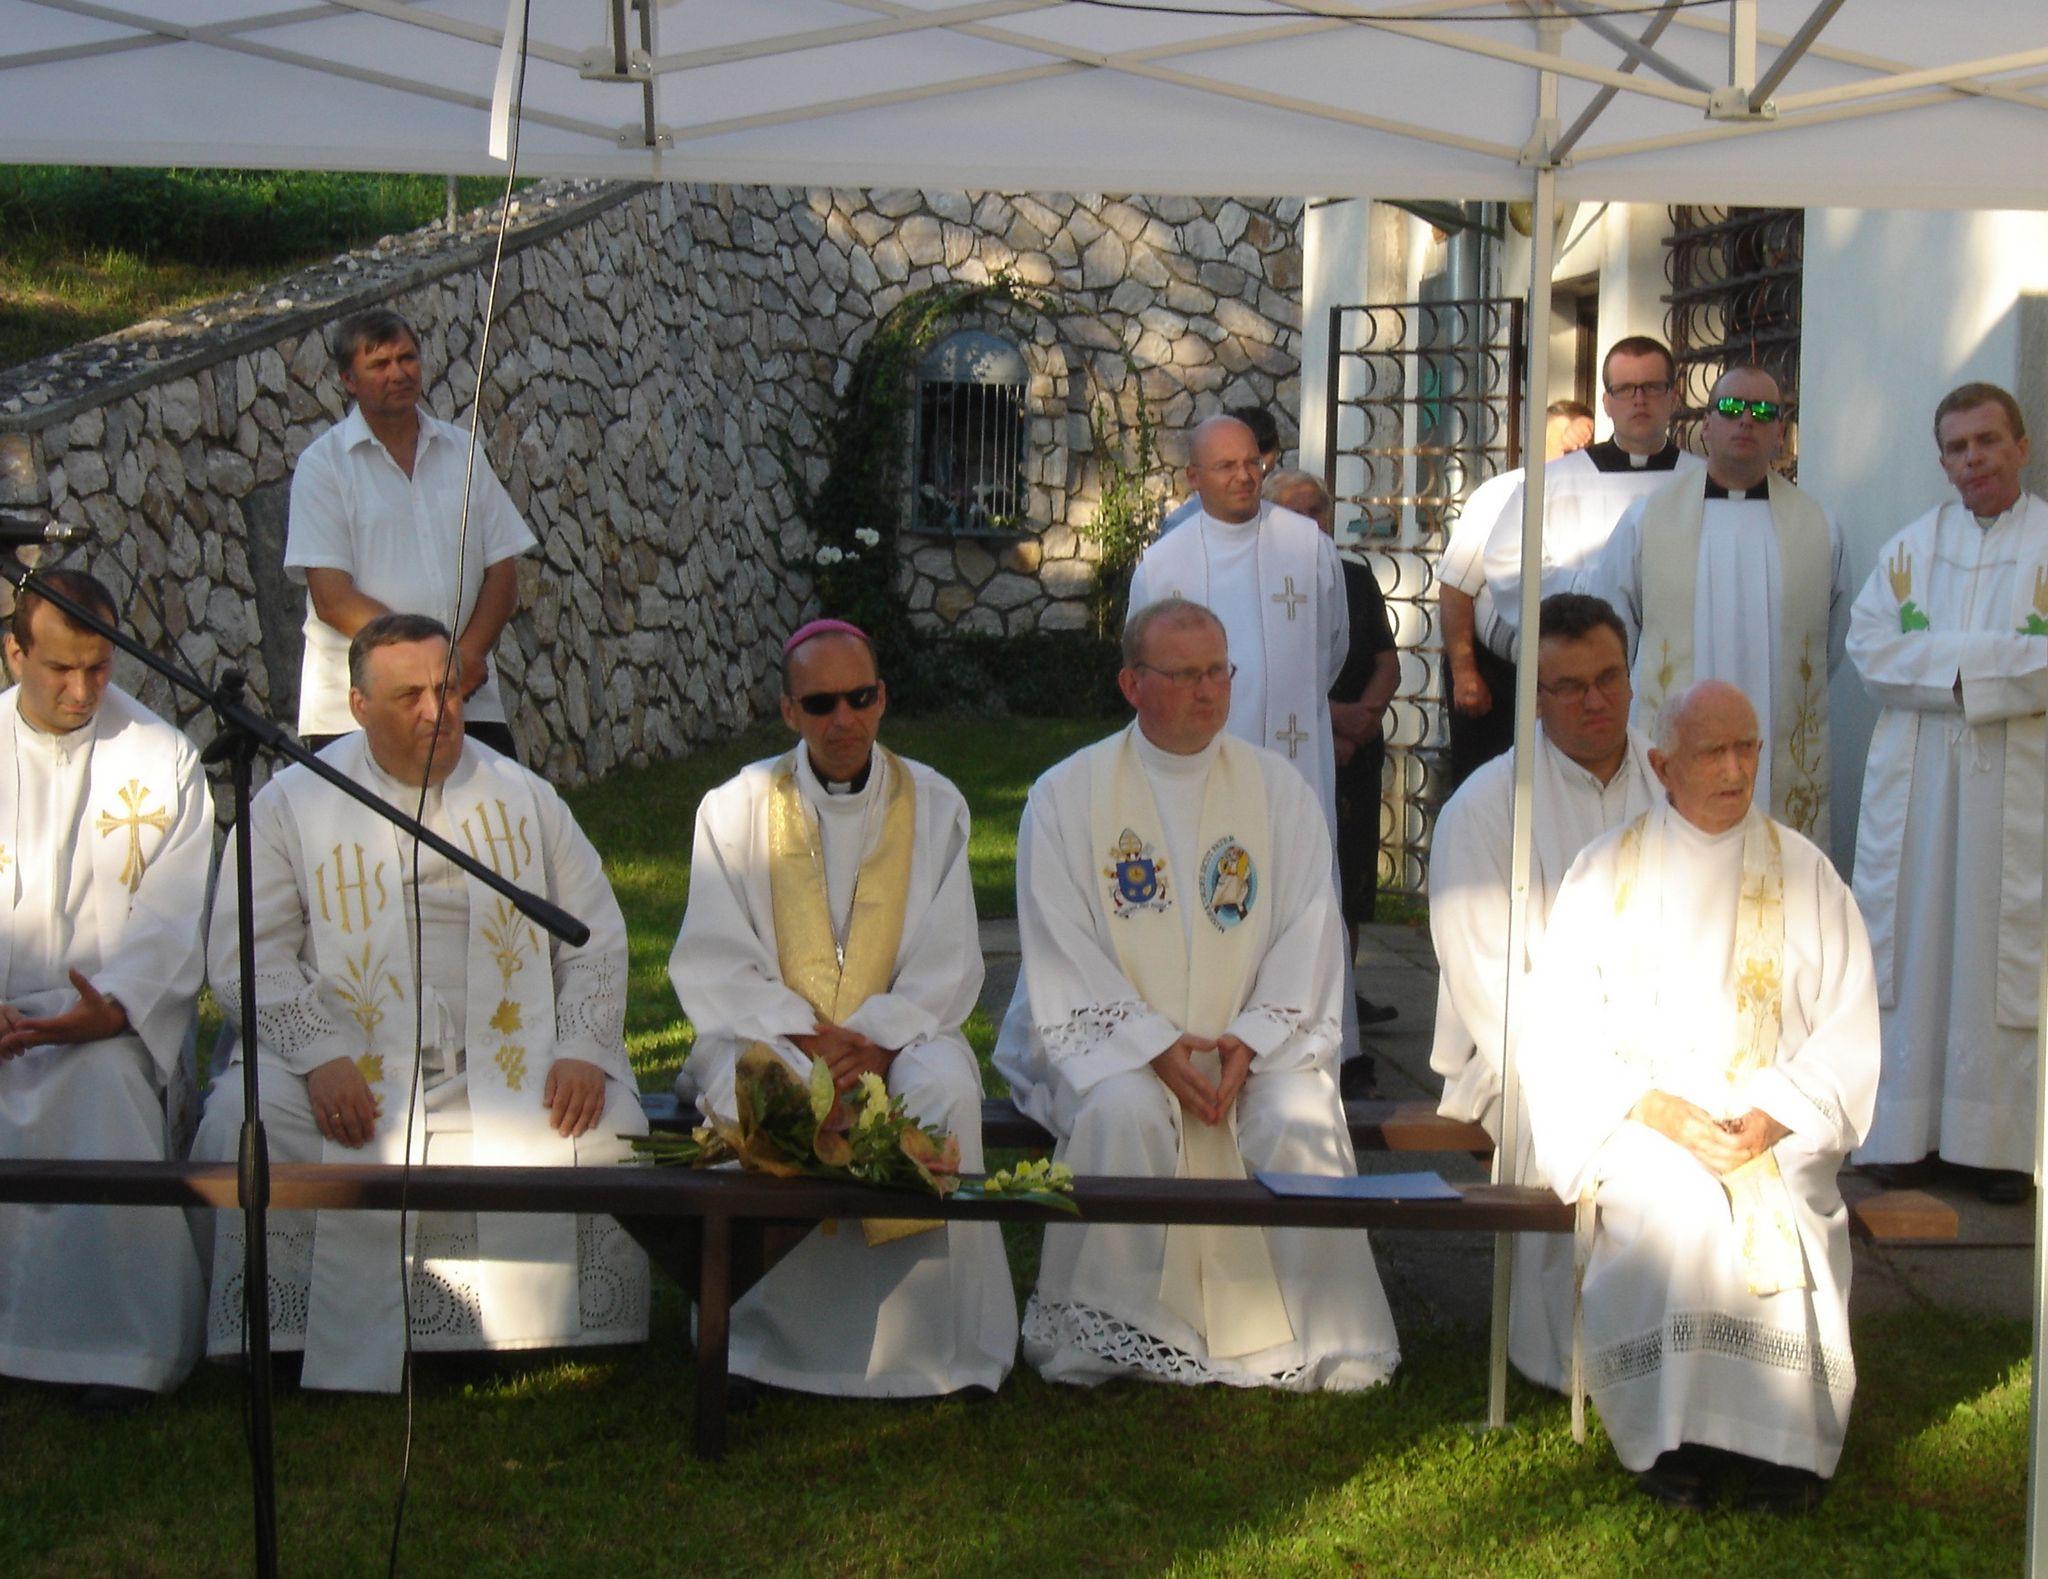 Haľko József püspök és paptestvérei a templomkertben tartott kegyeleti megemlékezésen. Fotó: Bodzsár Gyula